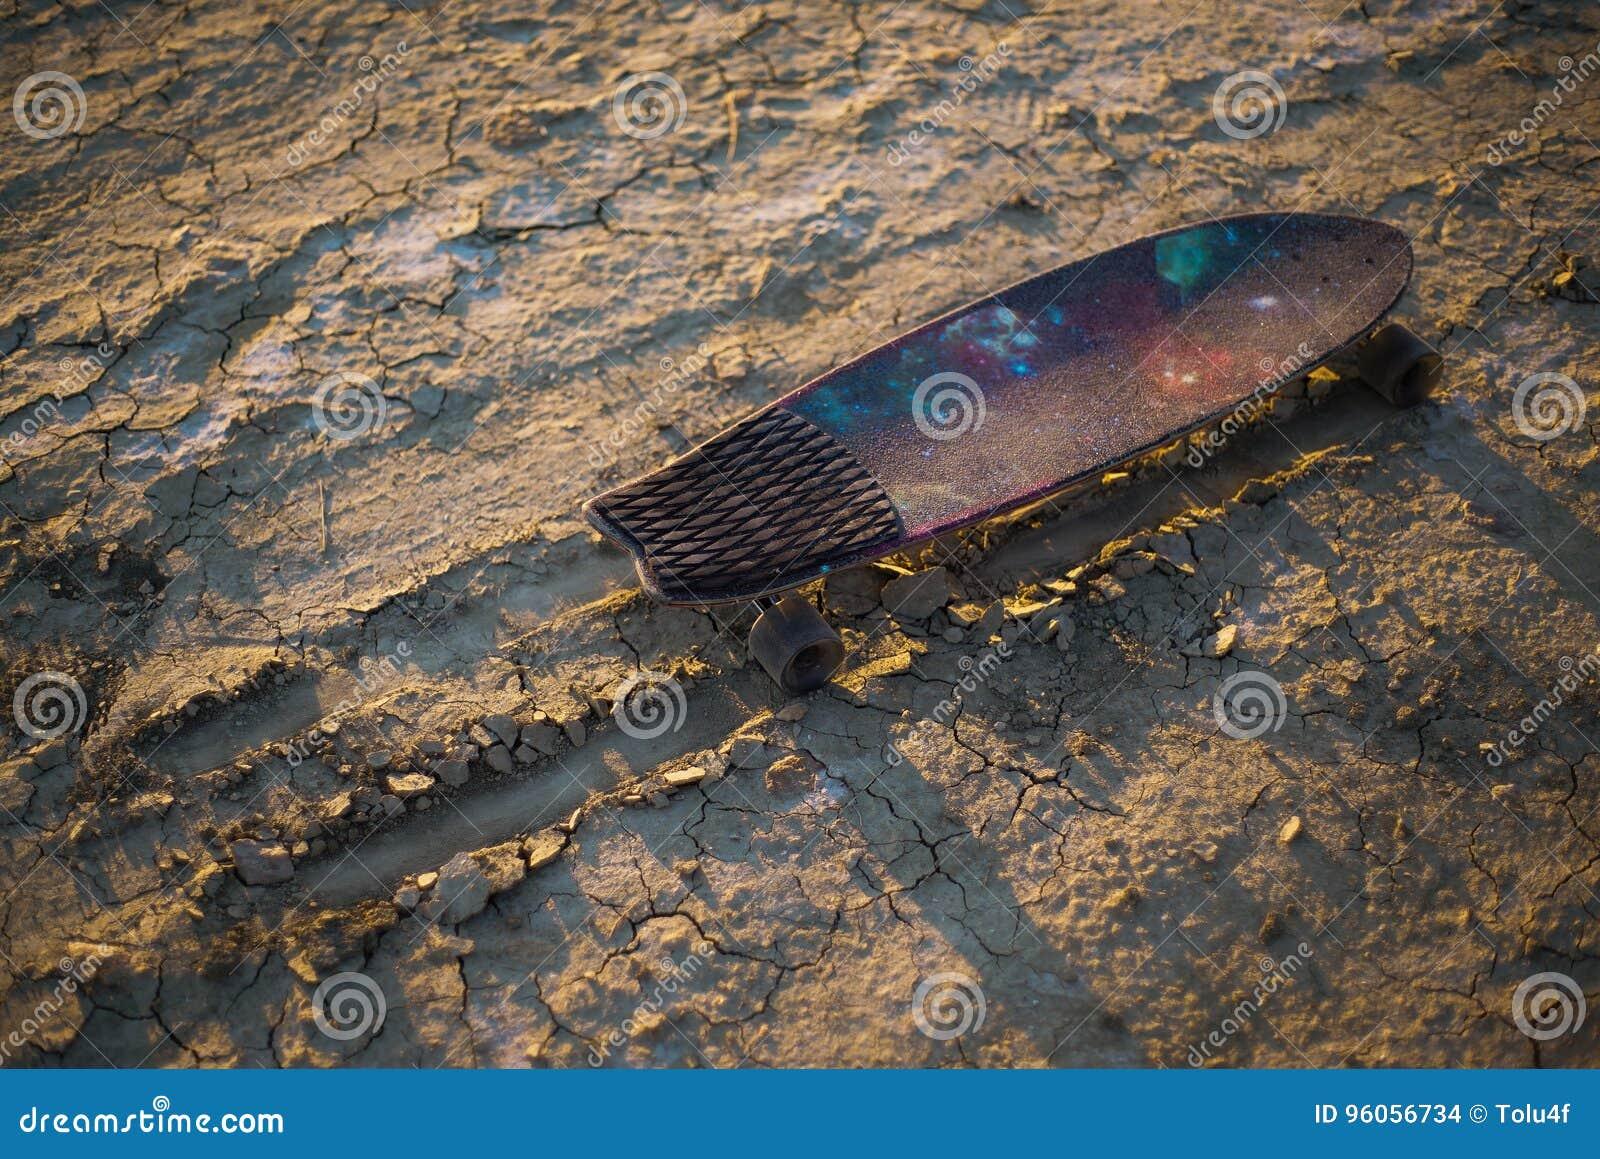 La planche à roulettes ou le longboard a collé dans le sable dans le désert au coucher du soleil